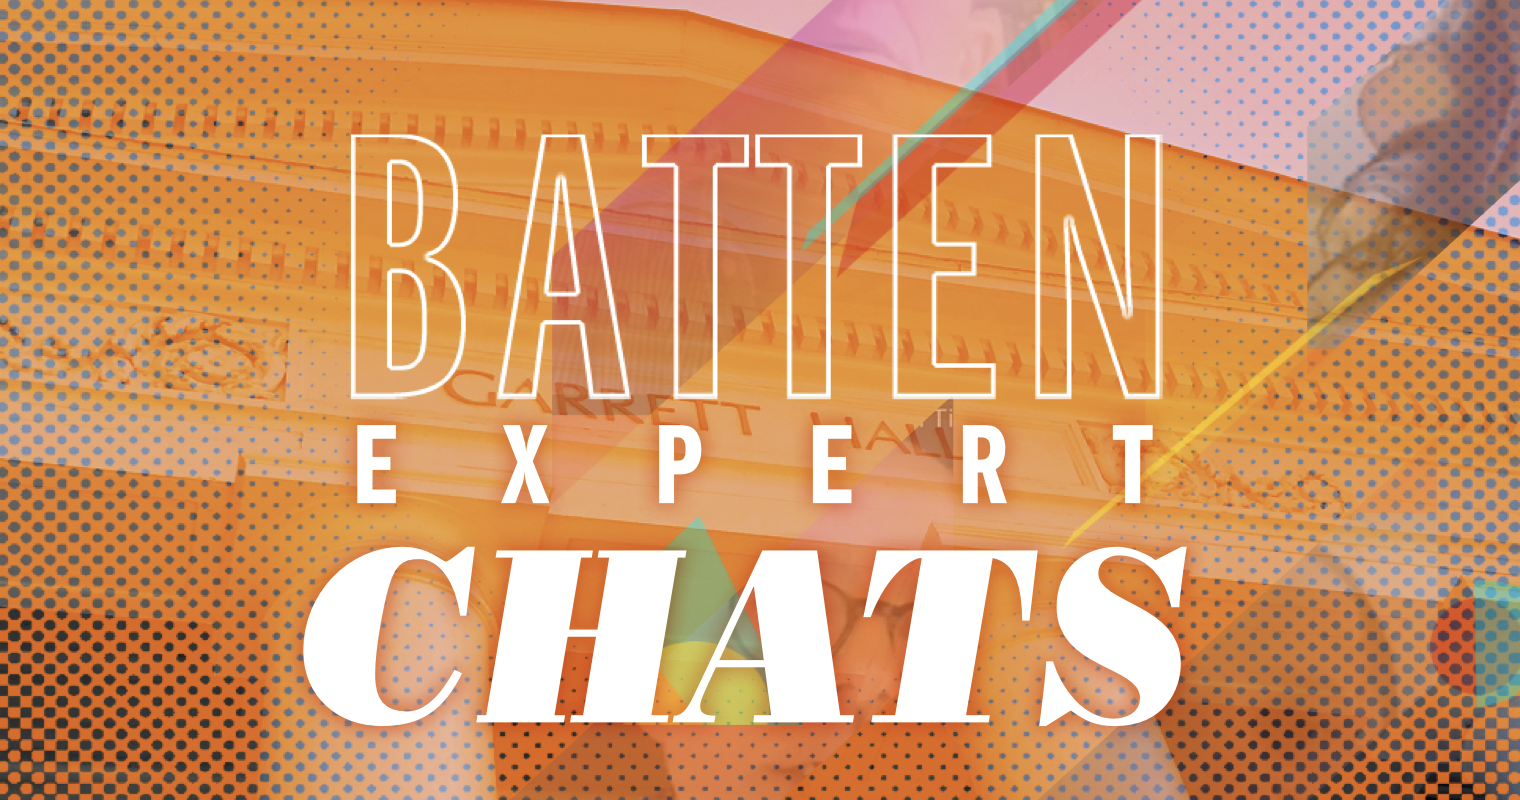 Batten Expert Chats